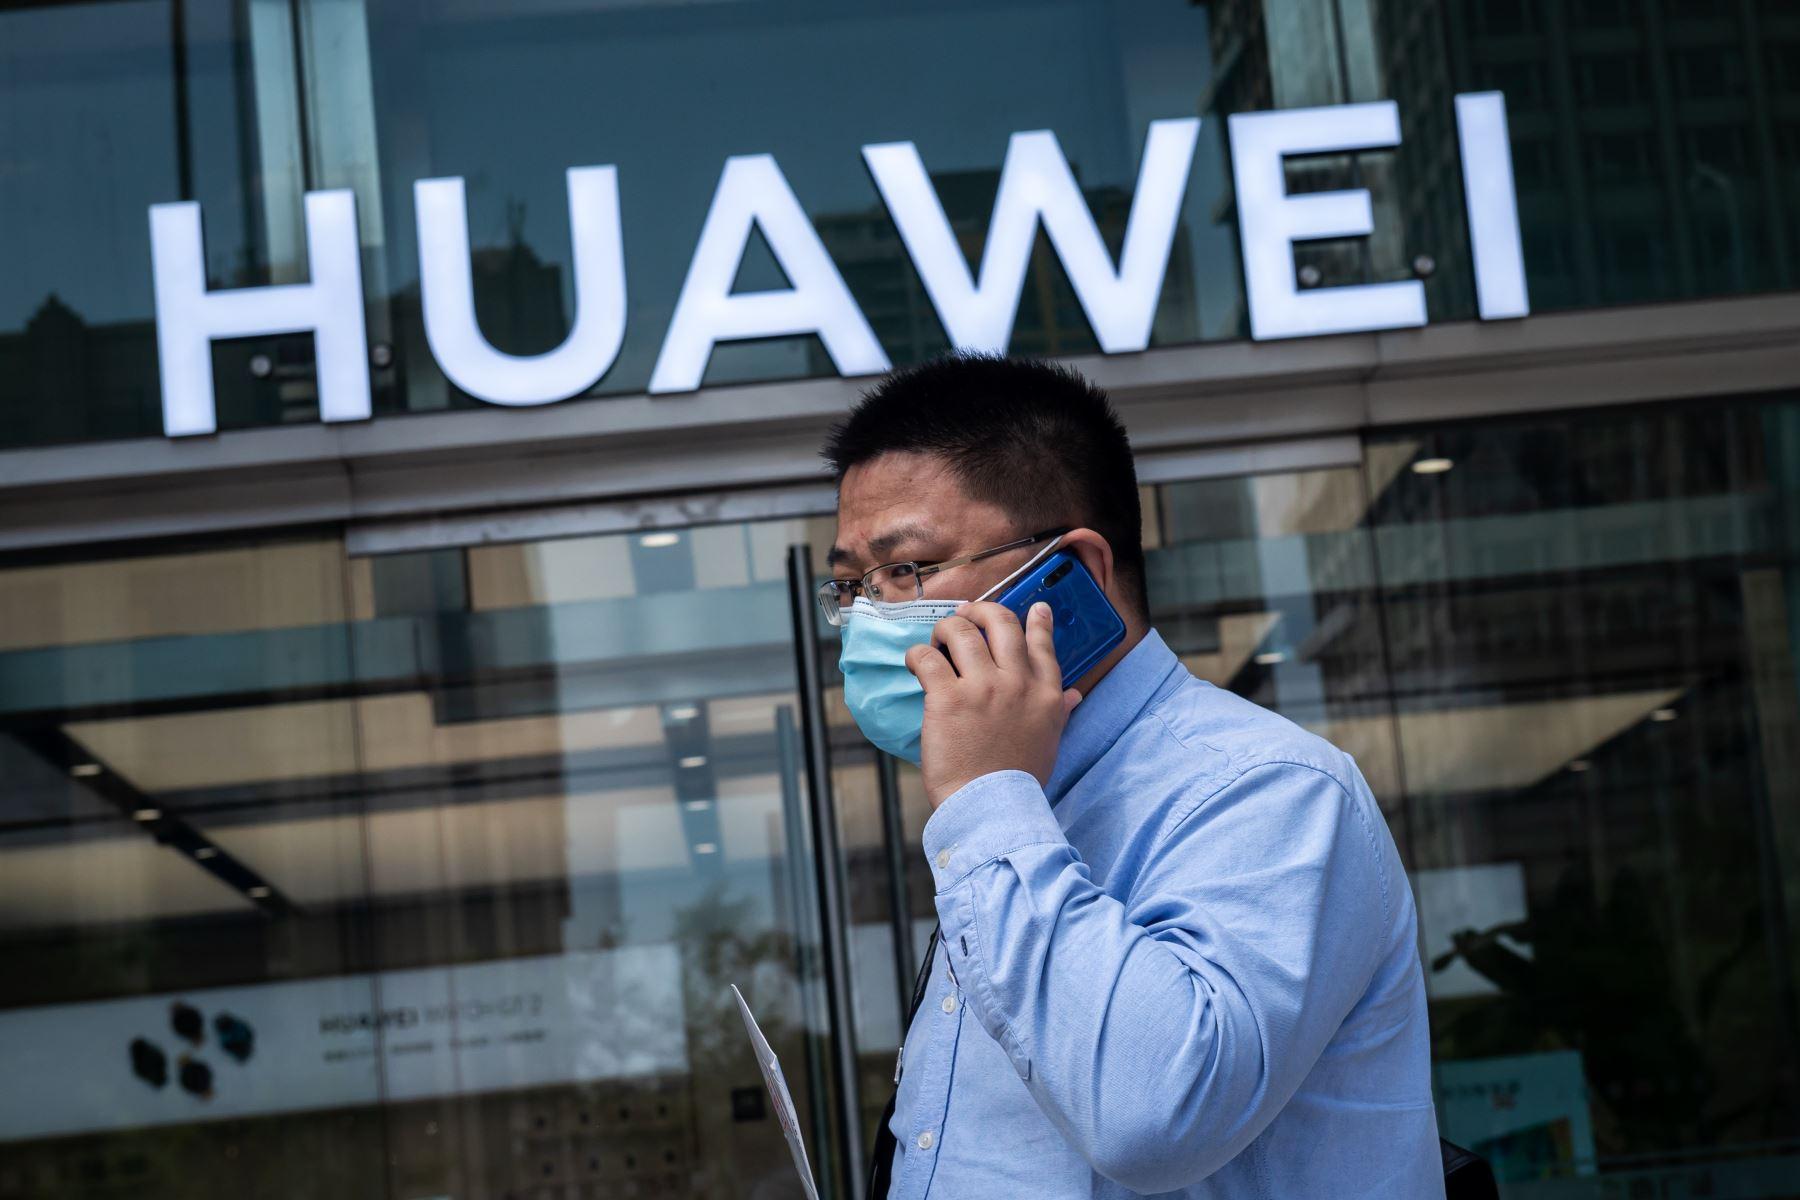 """El portavoz señala que, """"lamentablemente"""", el futuro de la compañía en territorio británico, donde lleva dos décadas, """"ha sido politizado"""". Foto: AFP"""